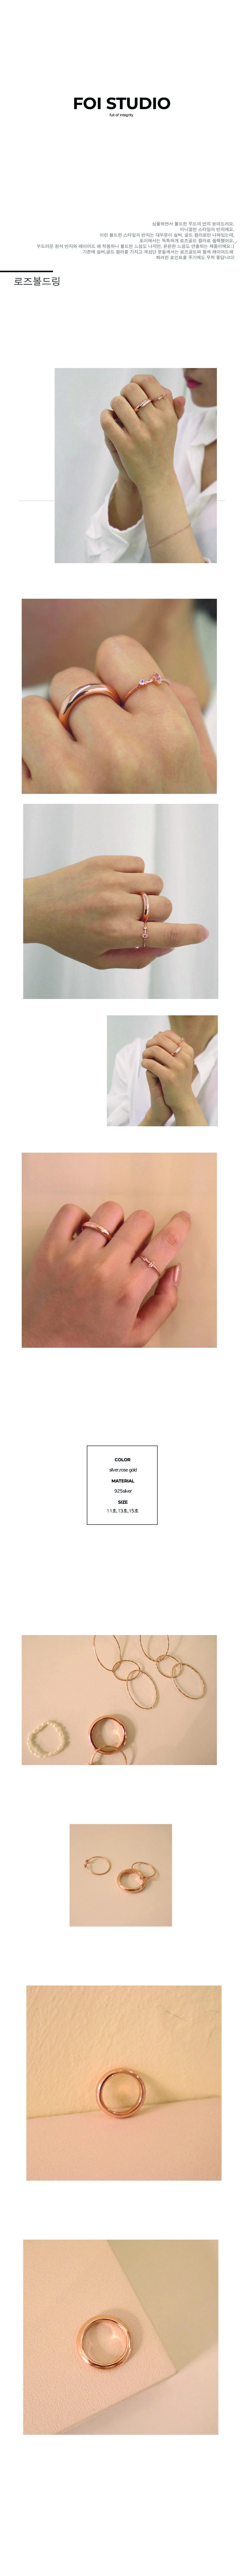 (925silver 반지) 로즈볼드링 - 포이스튜디오, 25,000원, 실버, 실반지